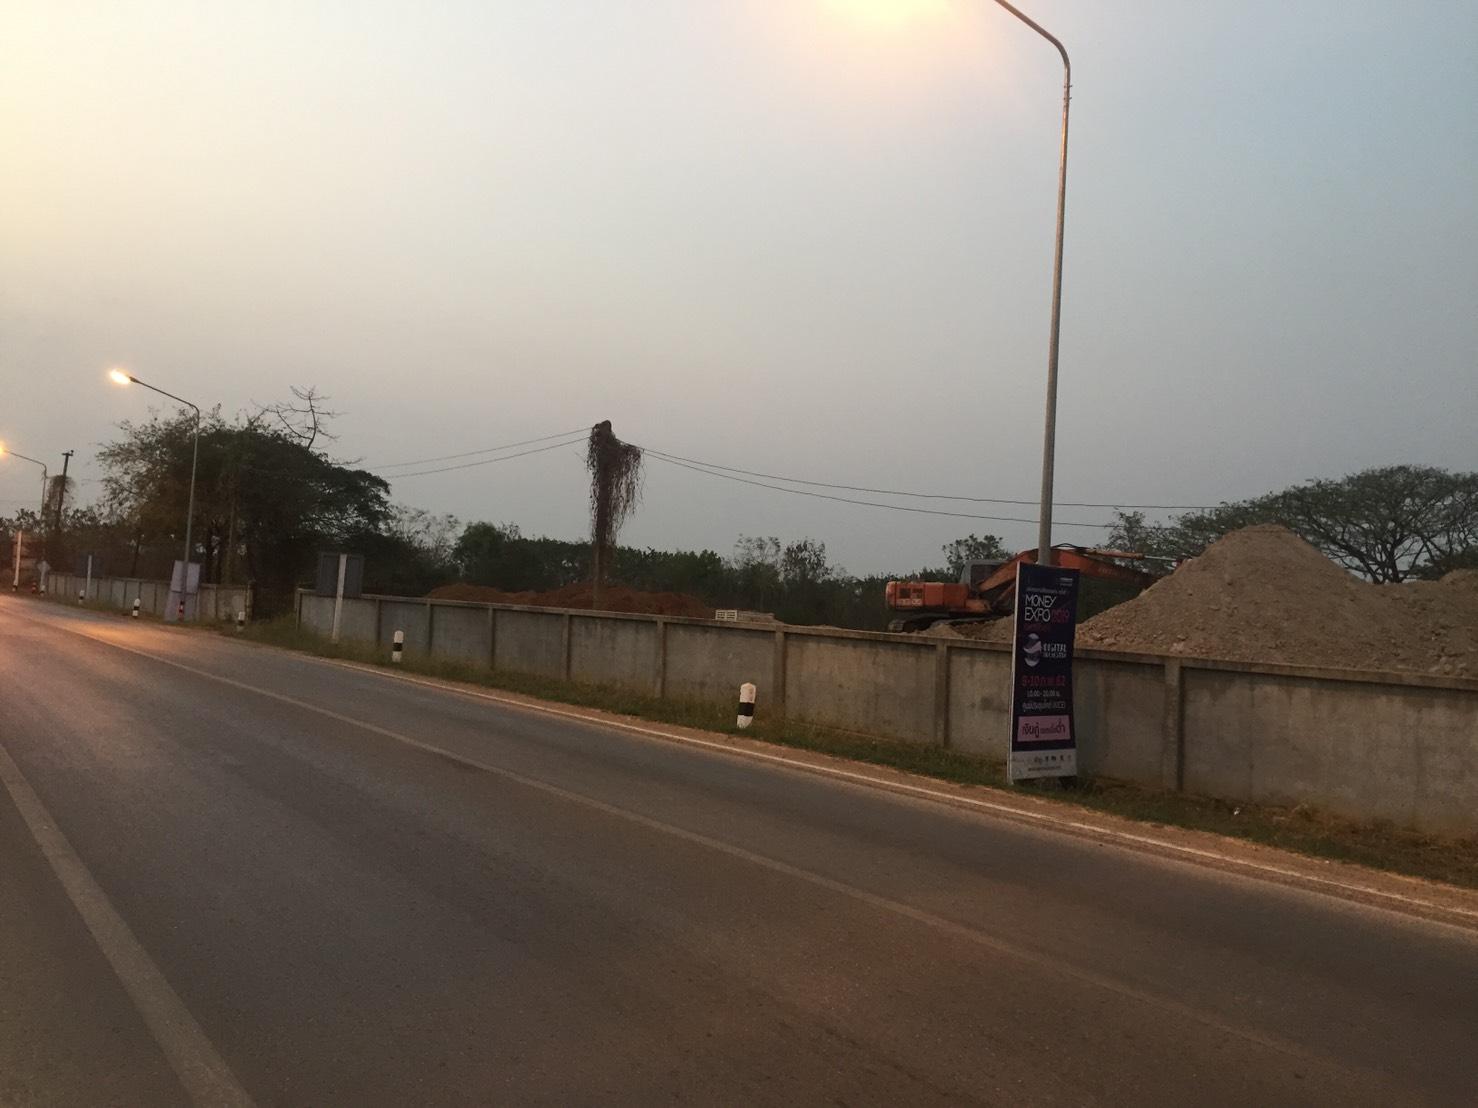 ขายที่ดินถมแล้วติดถนนเลี่ยงเมืองขอนแก่น